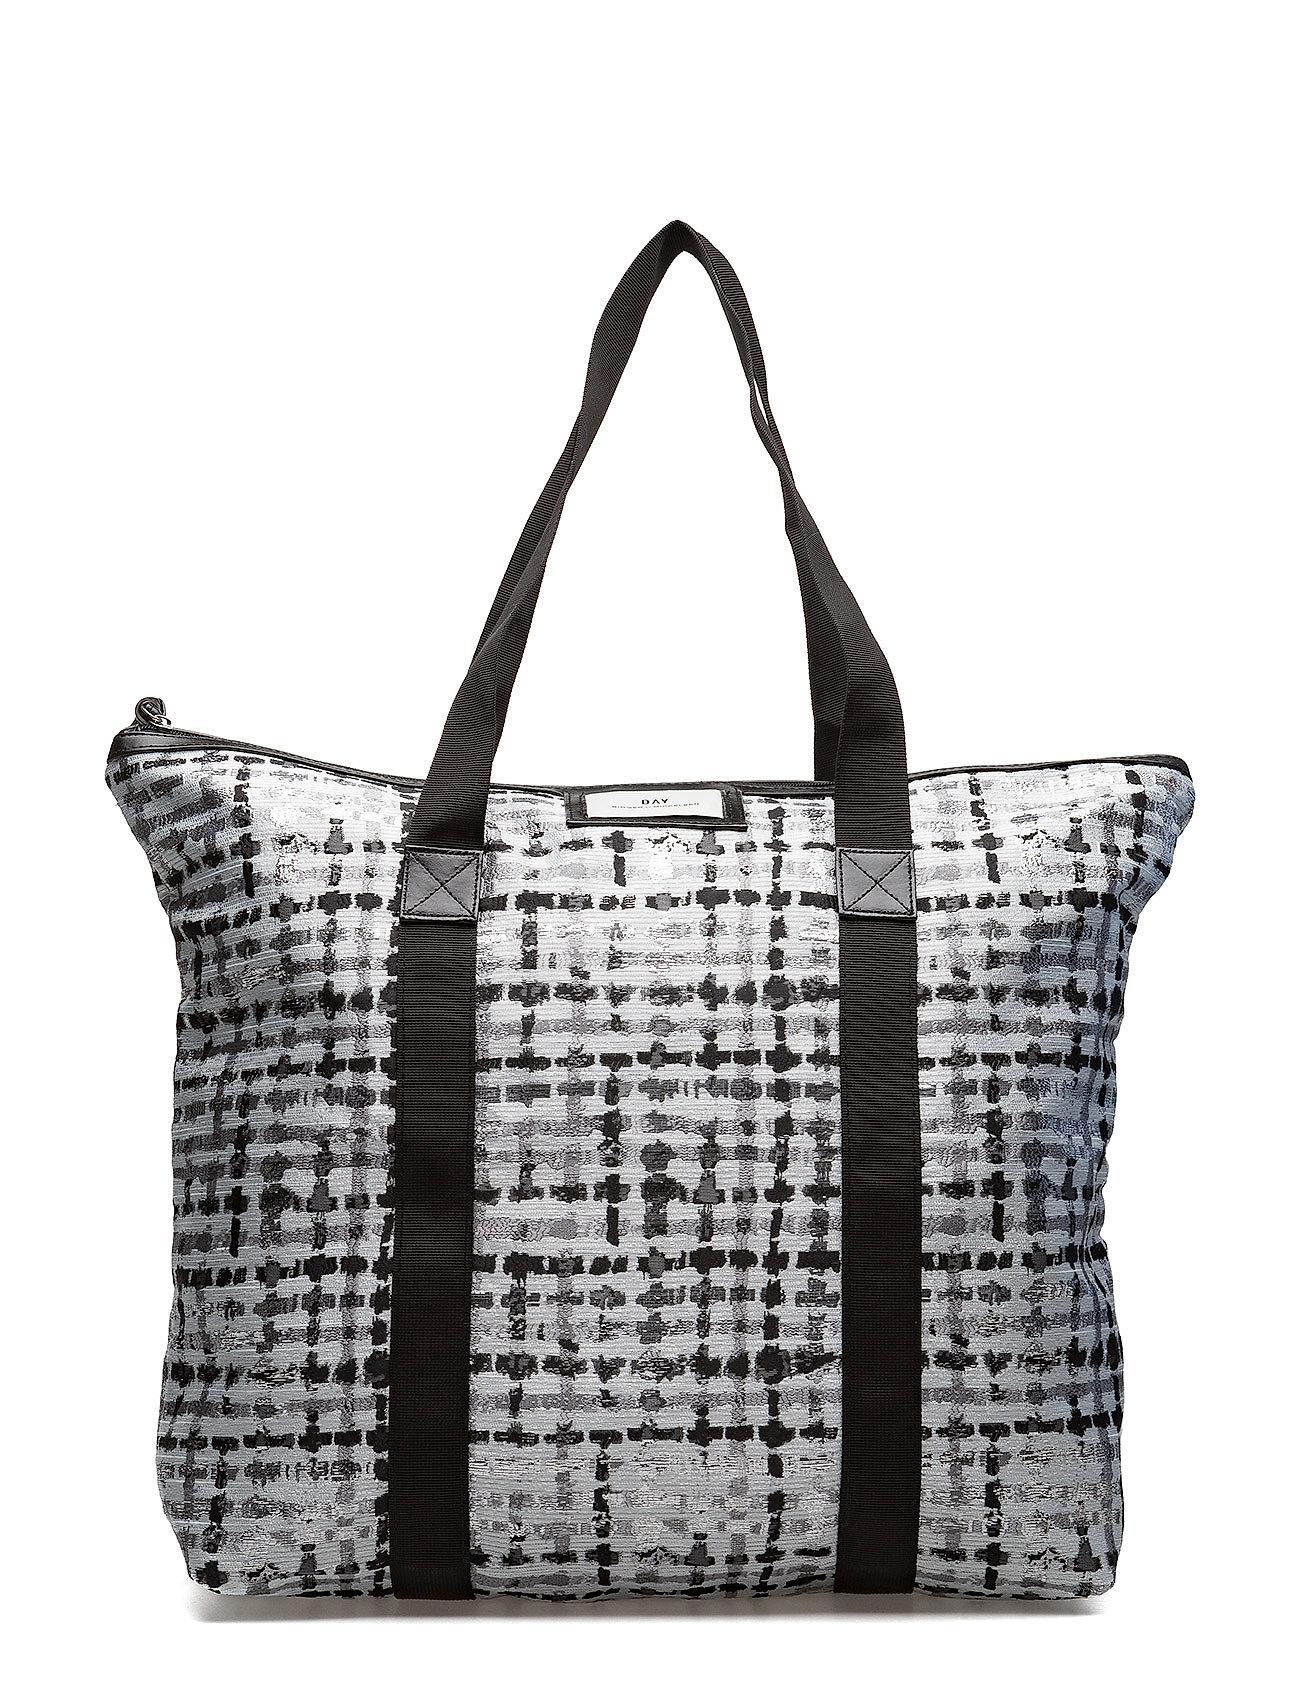 DAY et Day Gweneth Twinkle Bag